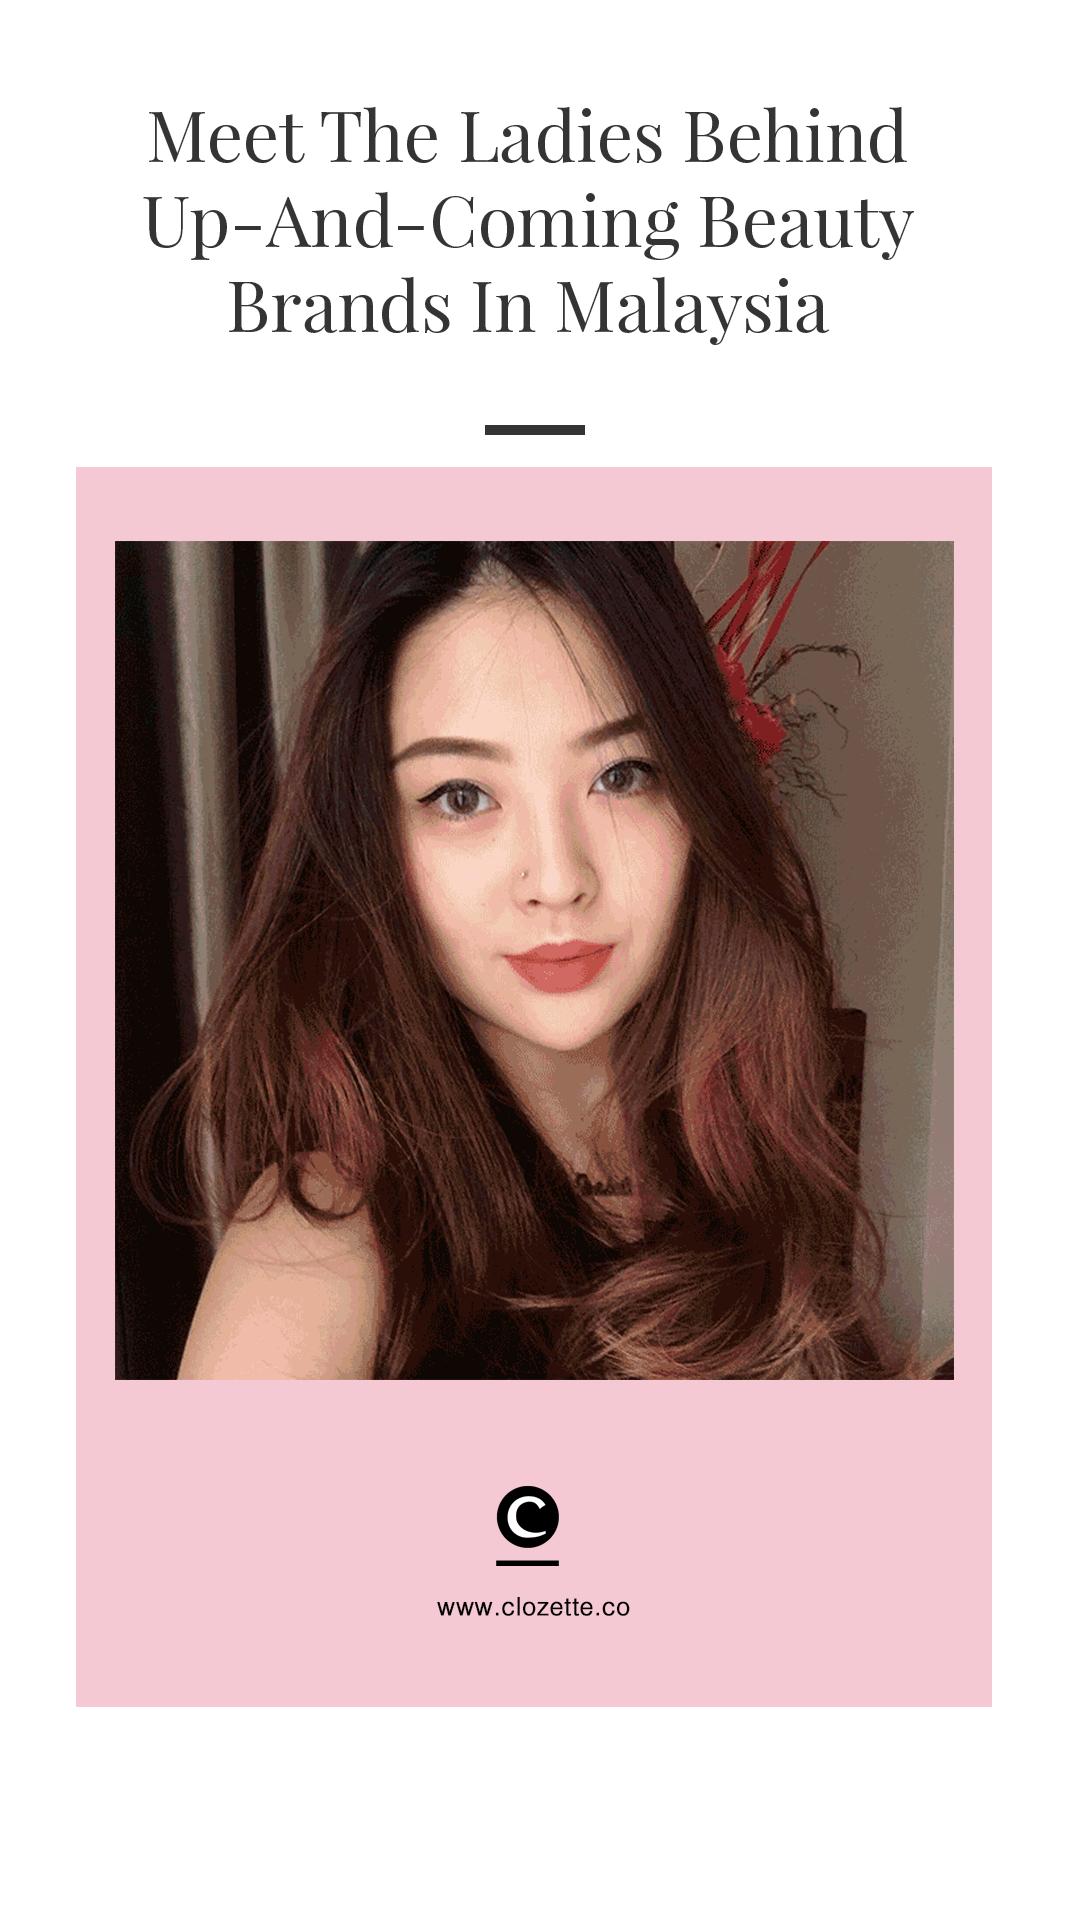 Meet The Ladies Behind Beauty Brands In